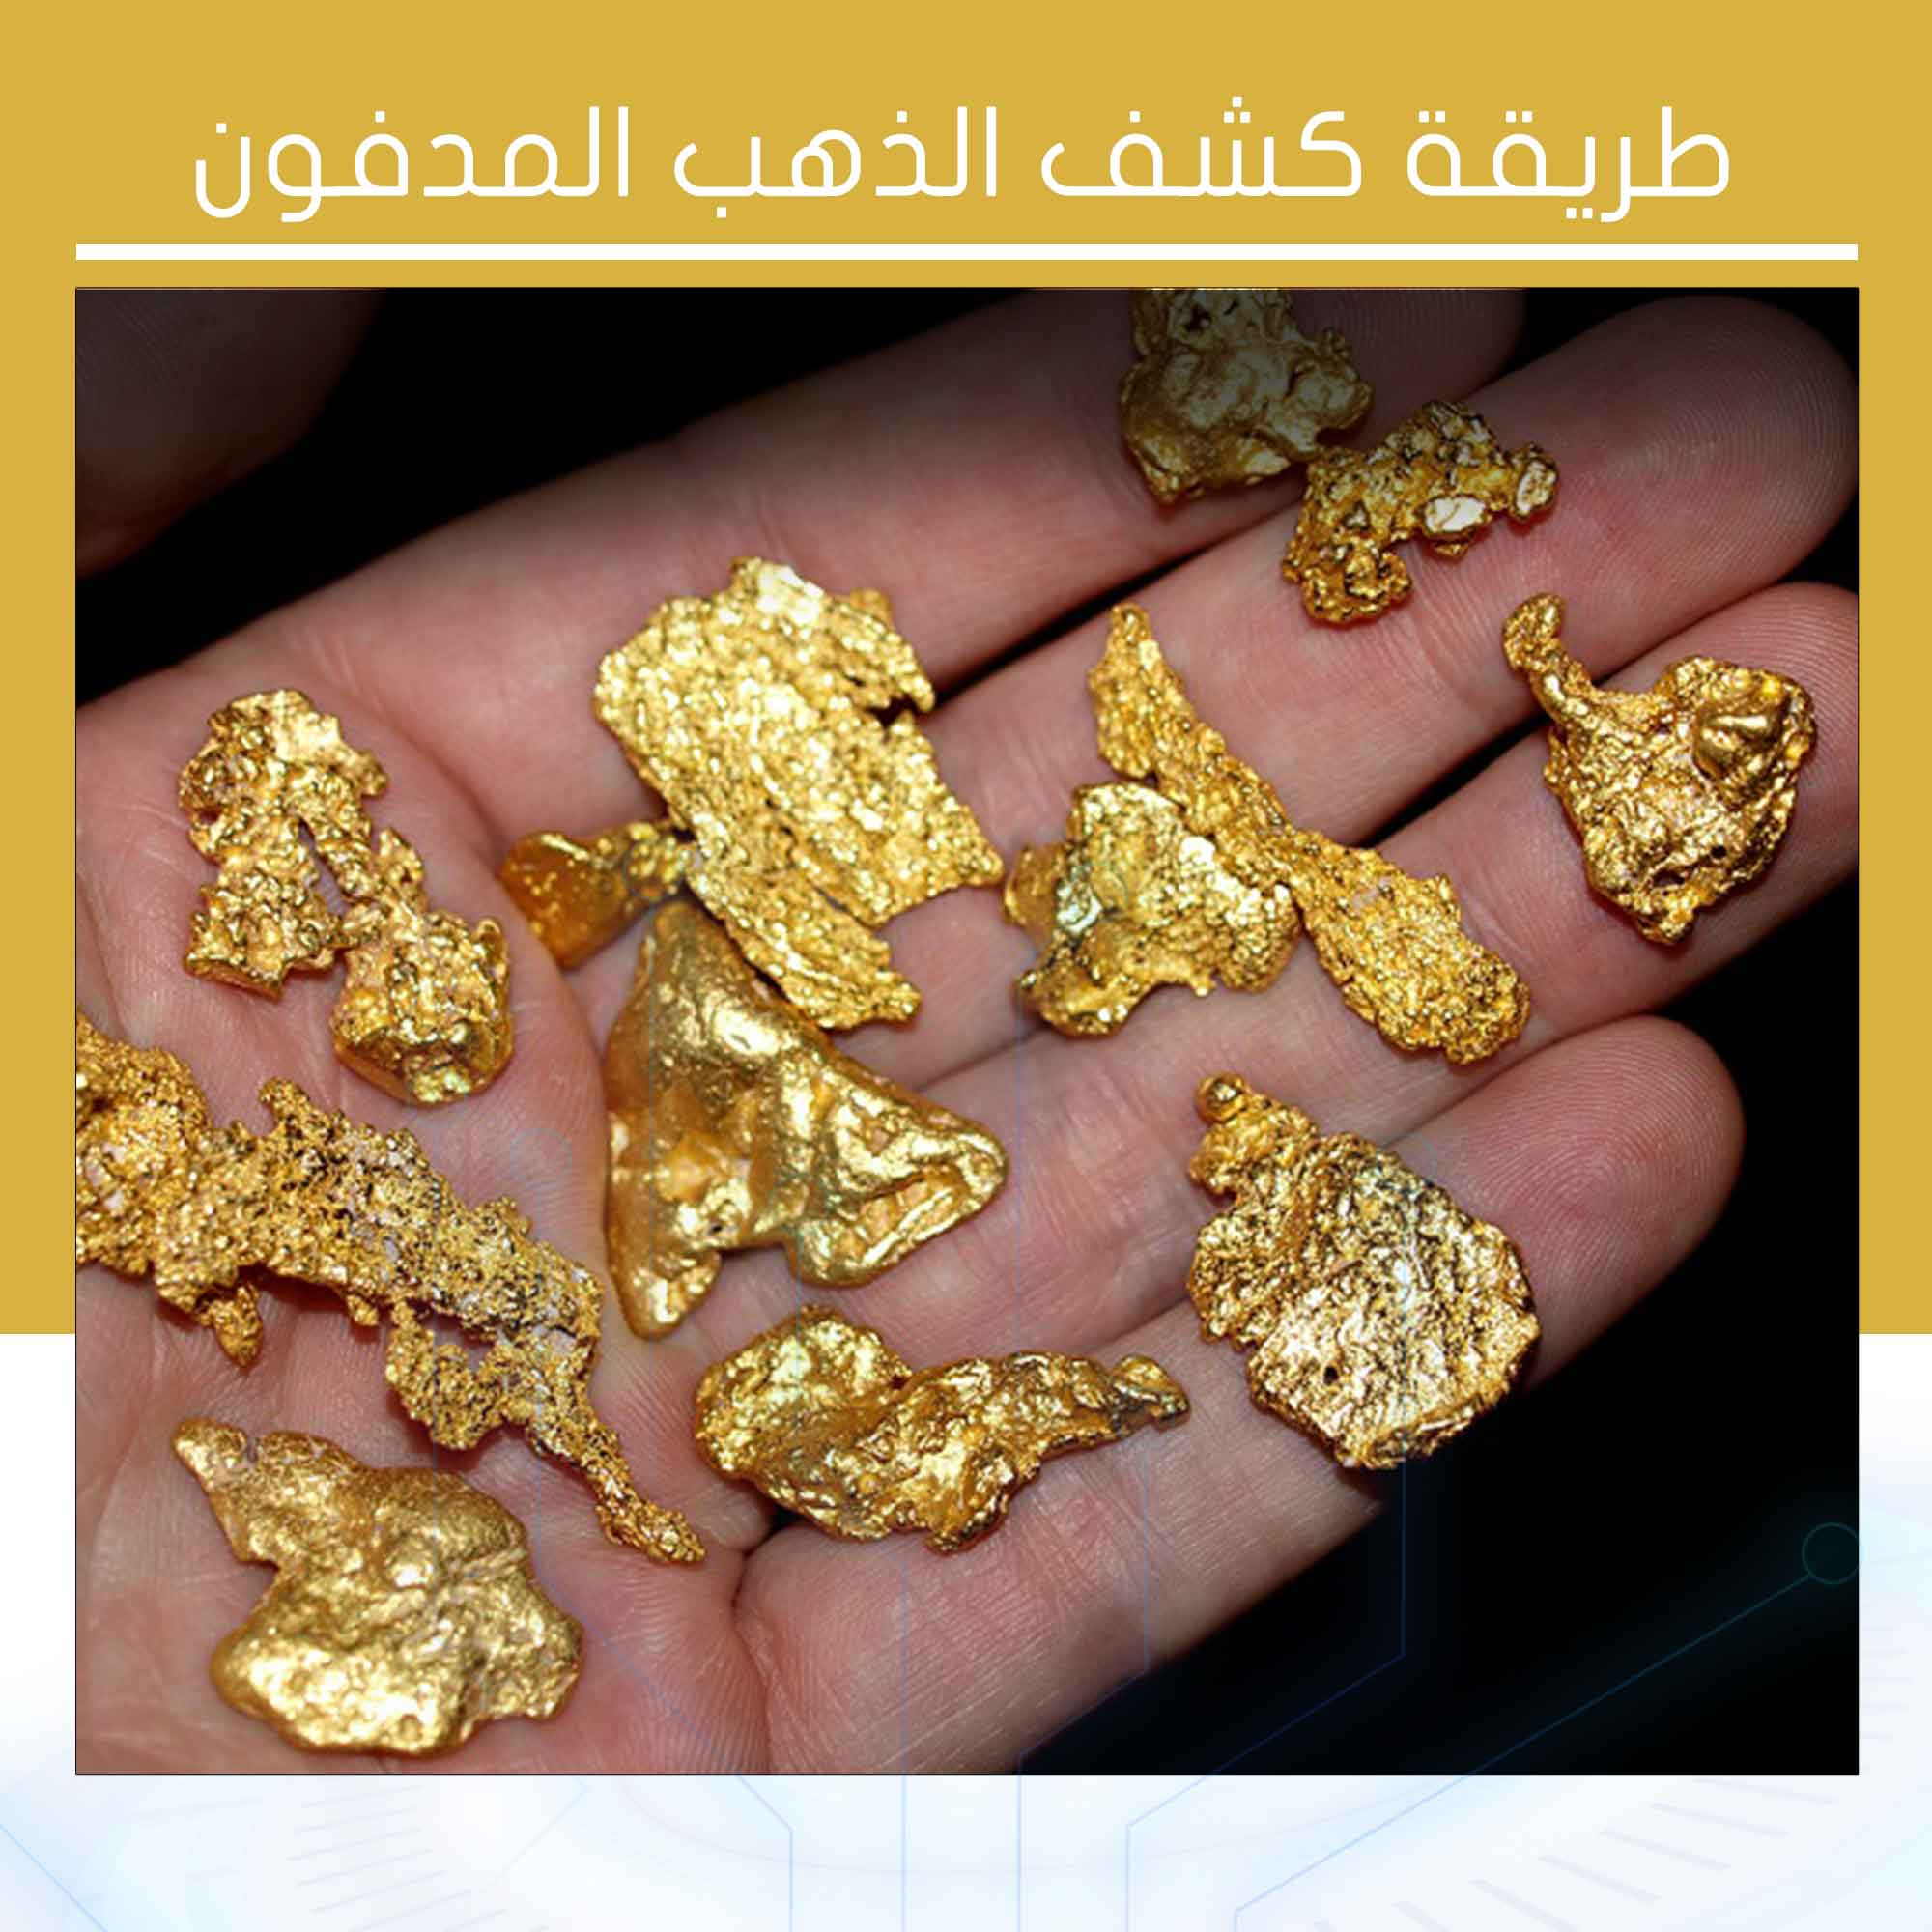 طريقة كشف الذهب المدفون وكيفية استخراج الذهب المدفون 2020